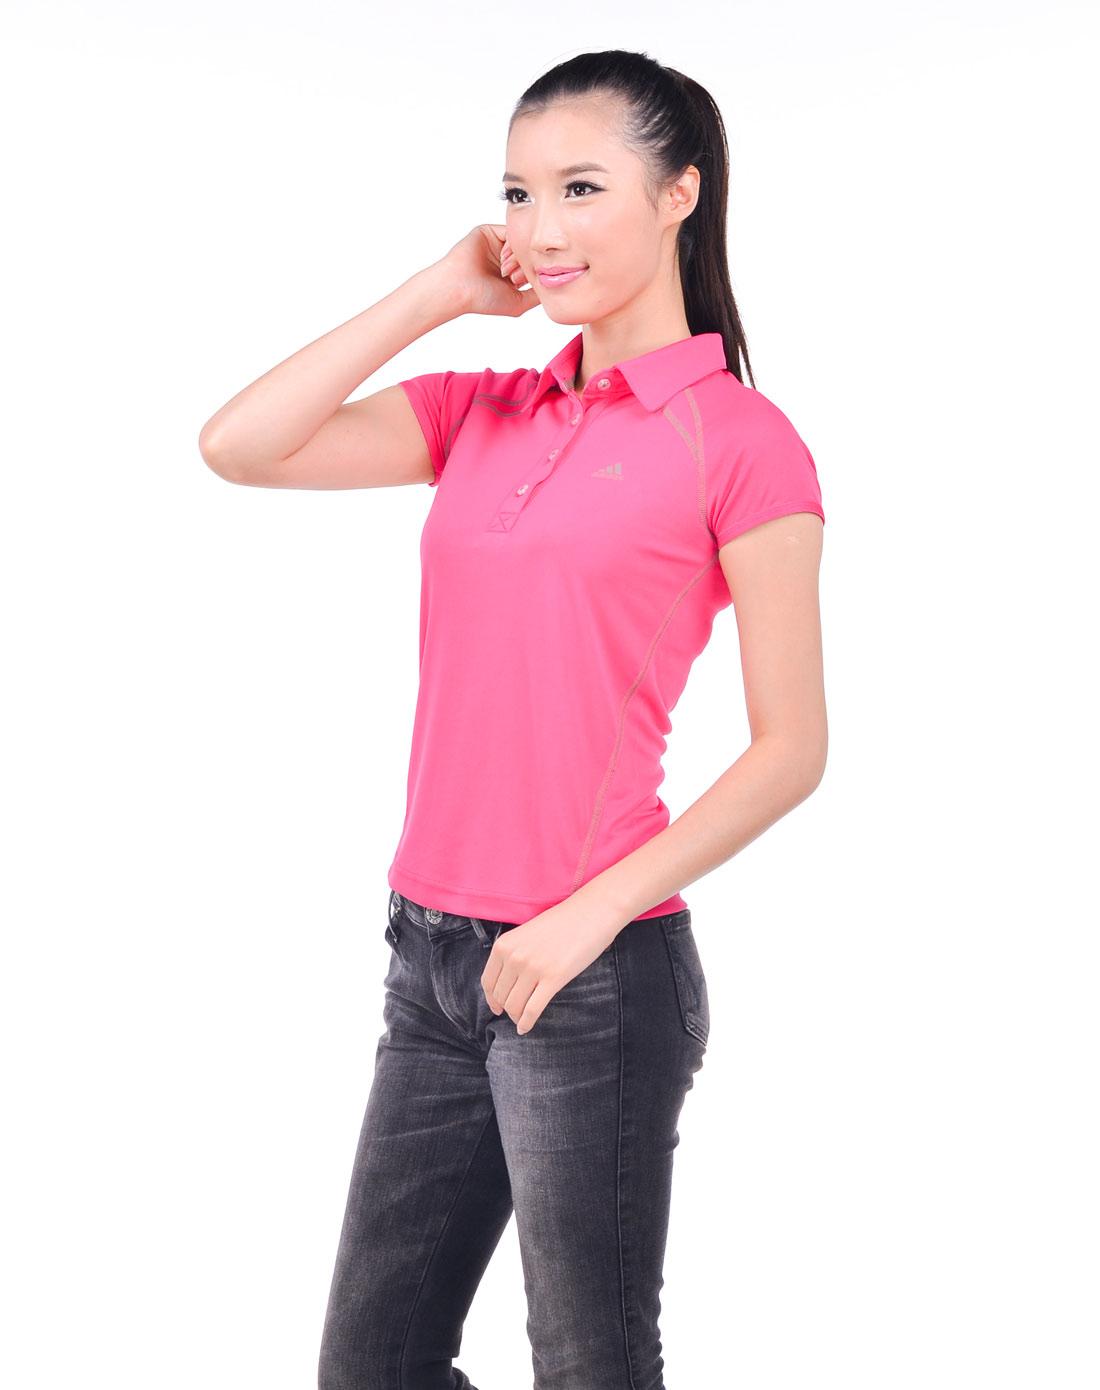 惠粉红_最后约惠-女人我最大专场-女子粉红色短袖polo衫